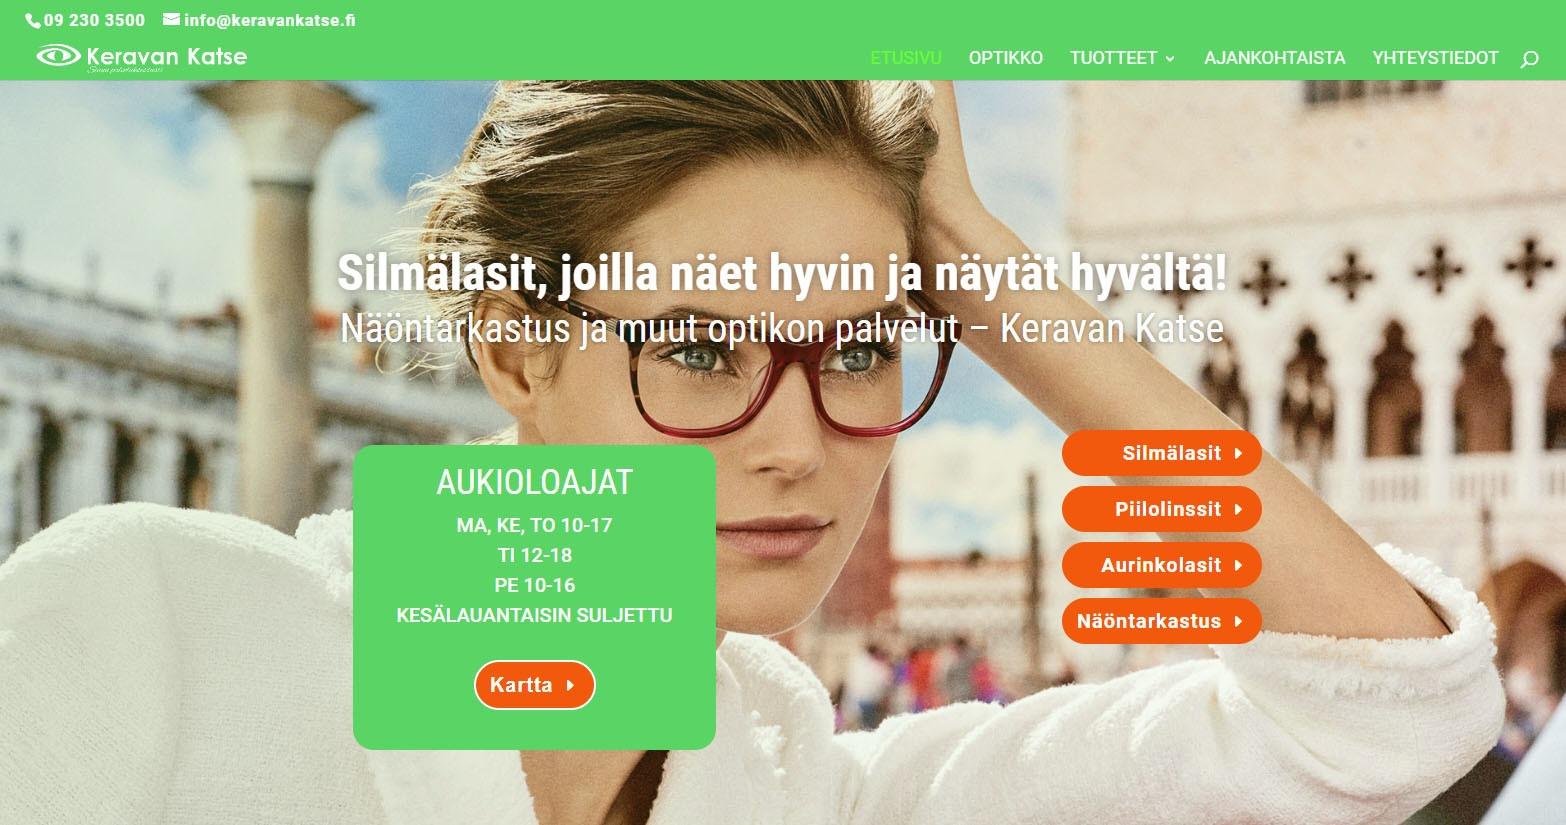 Optikkoliike Keravan Katseen verkkosivuja desktopilla